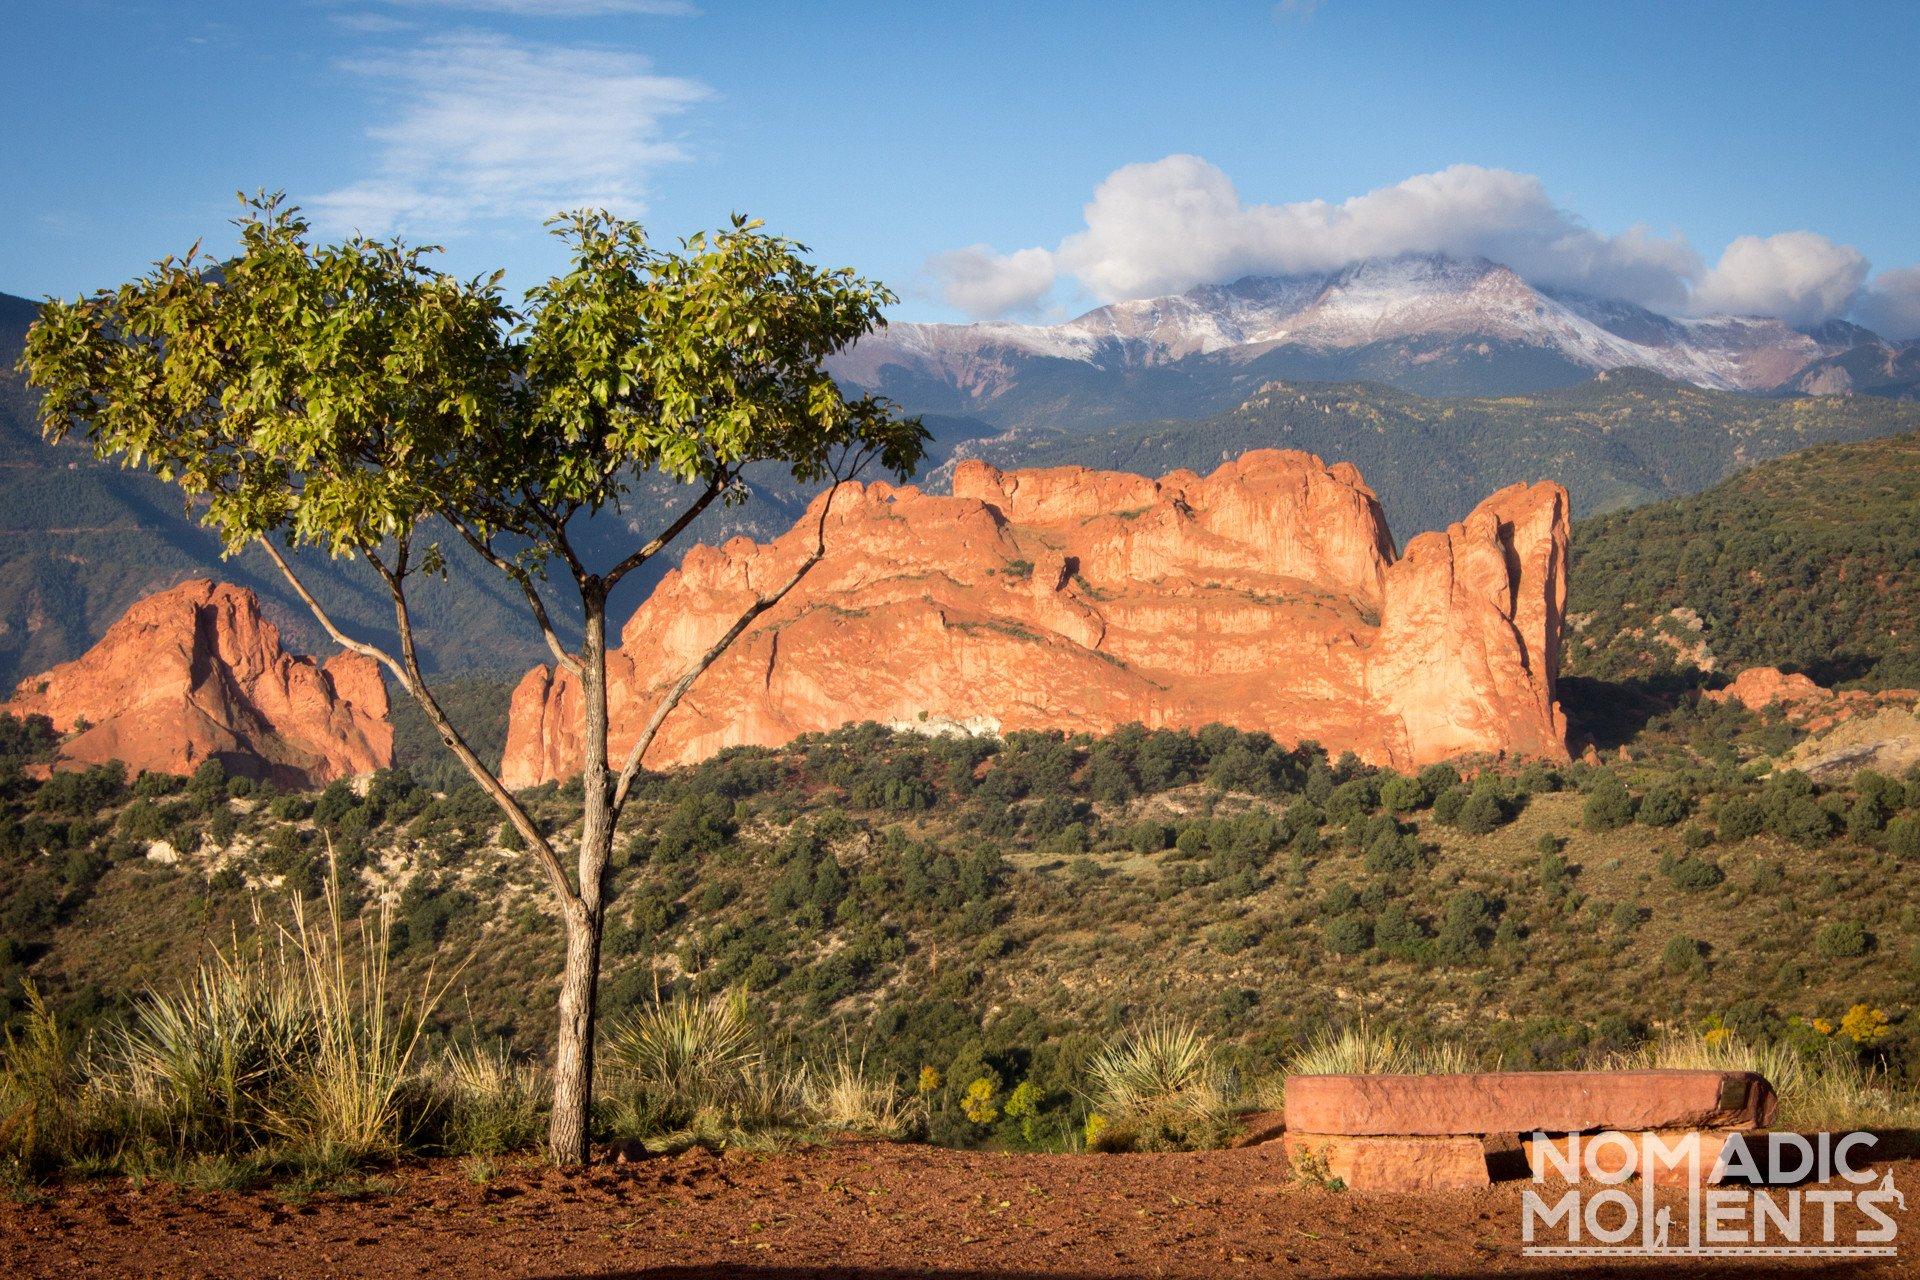 Visiting Garden of the Gods Mesa Road Overlook